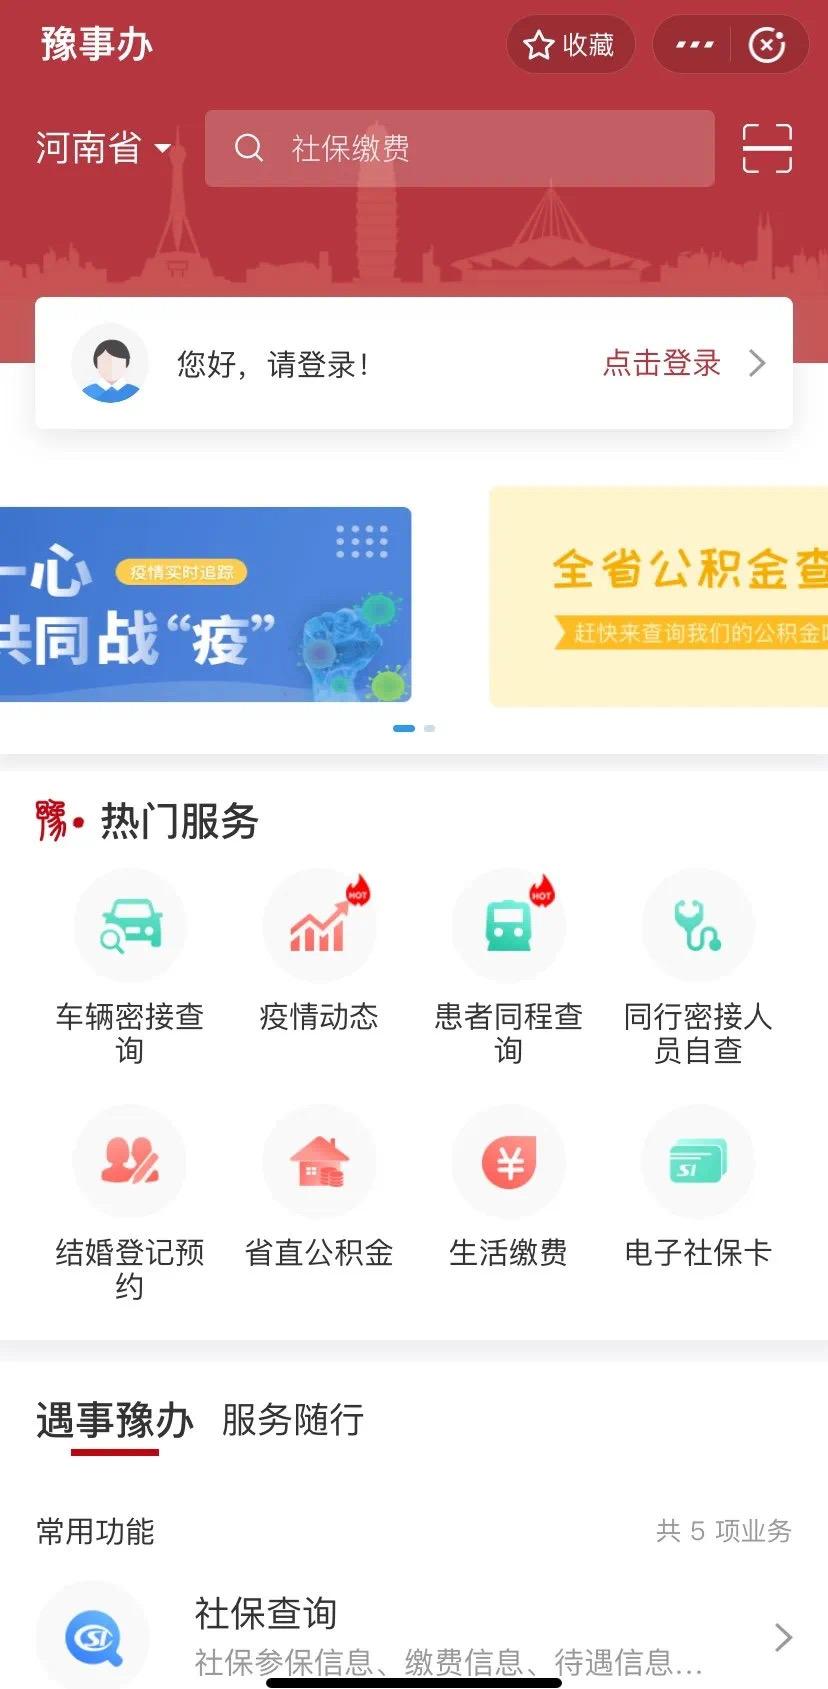 国资委:央企要切实做好支持配合北京疫情防控工作